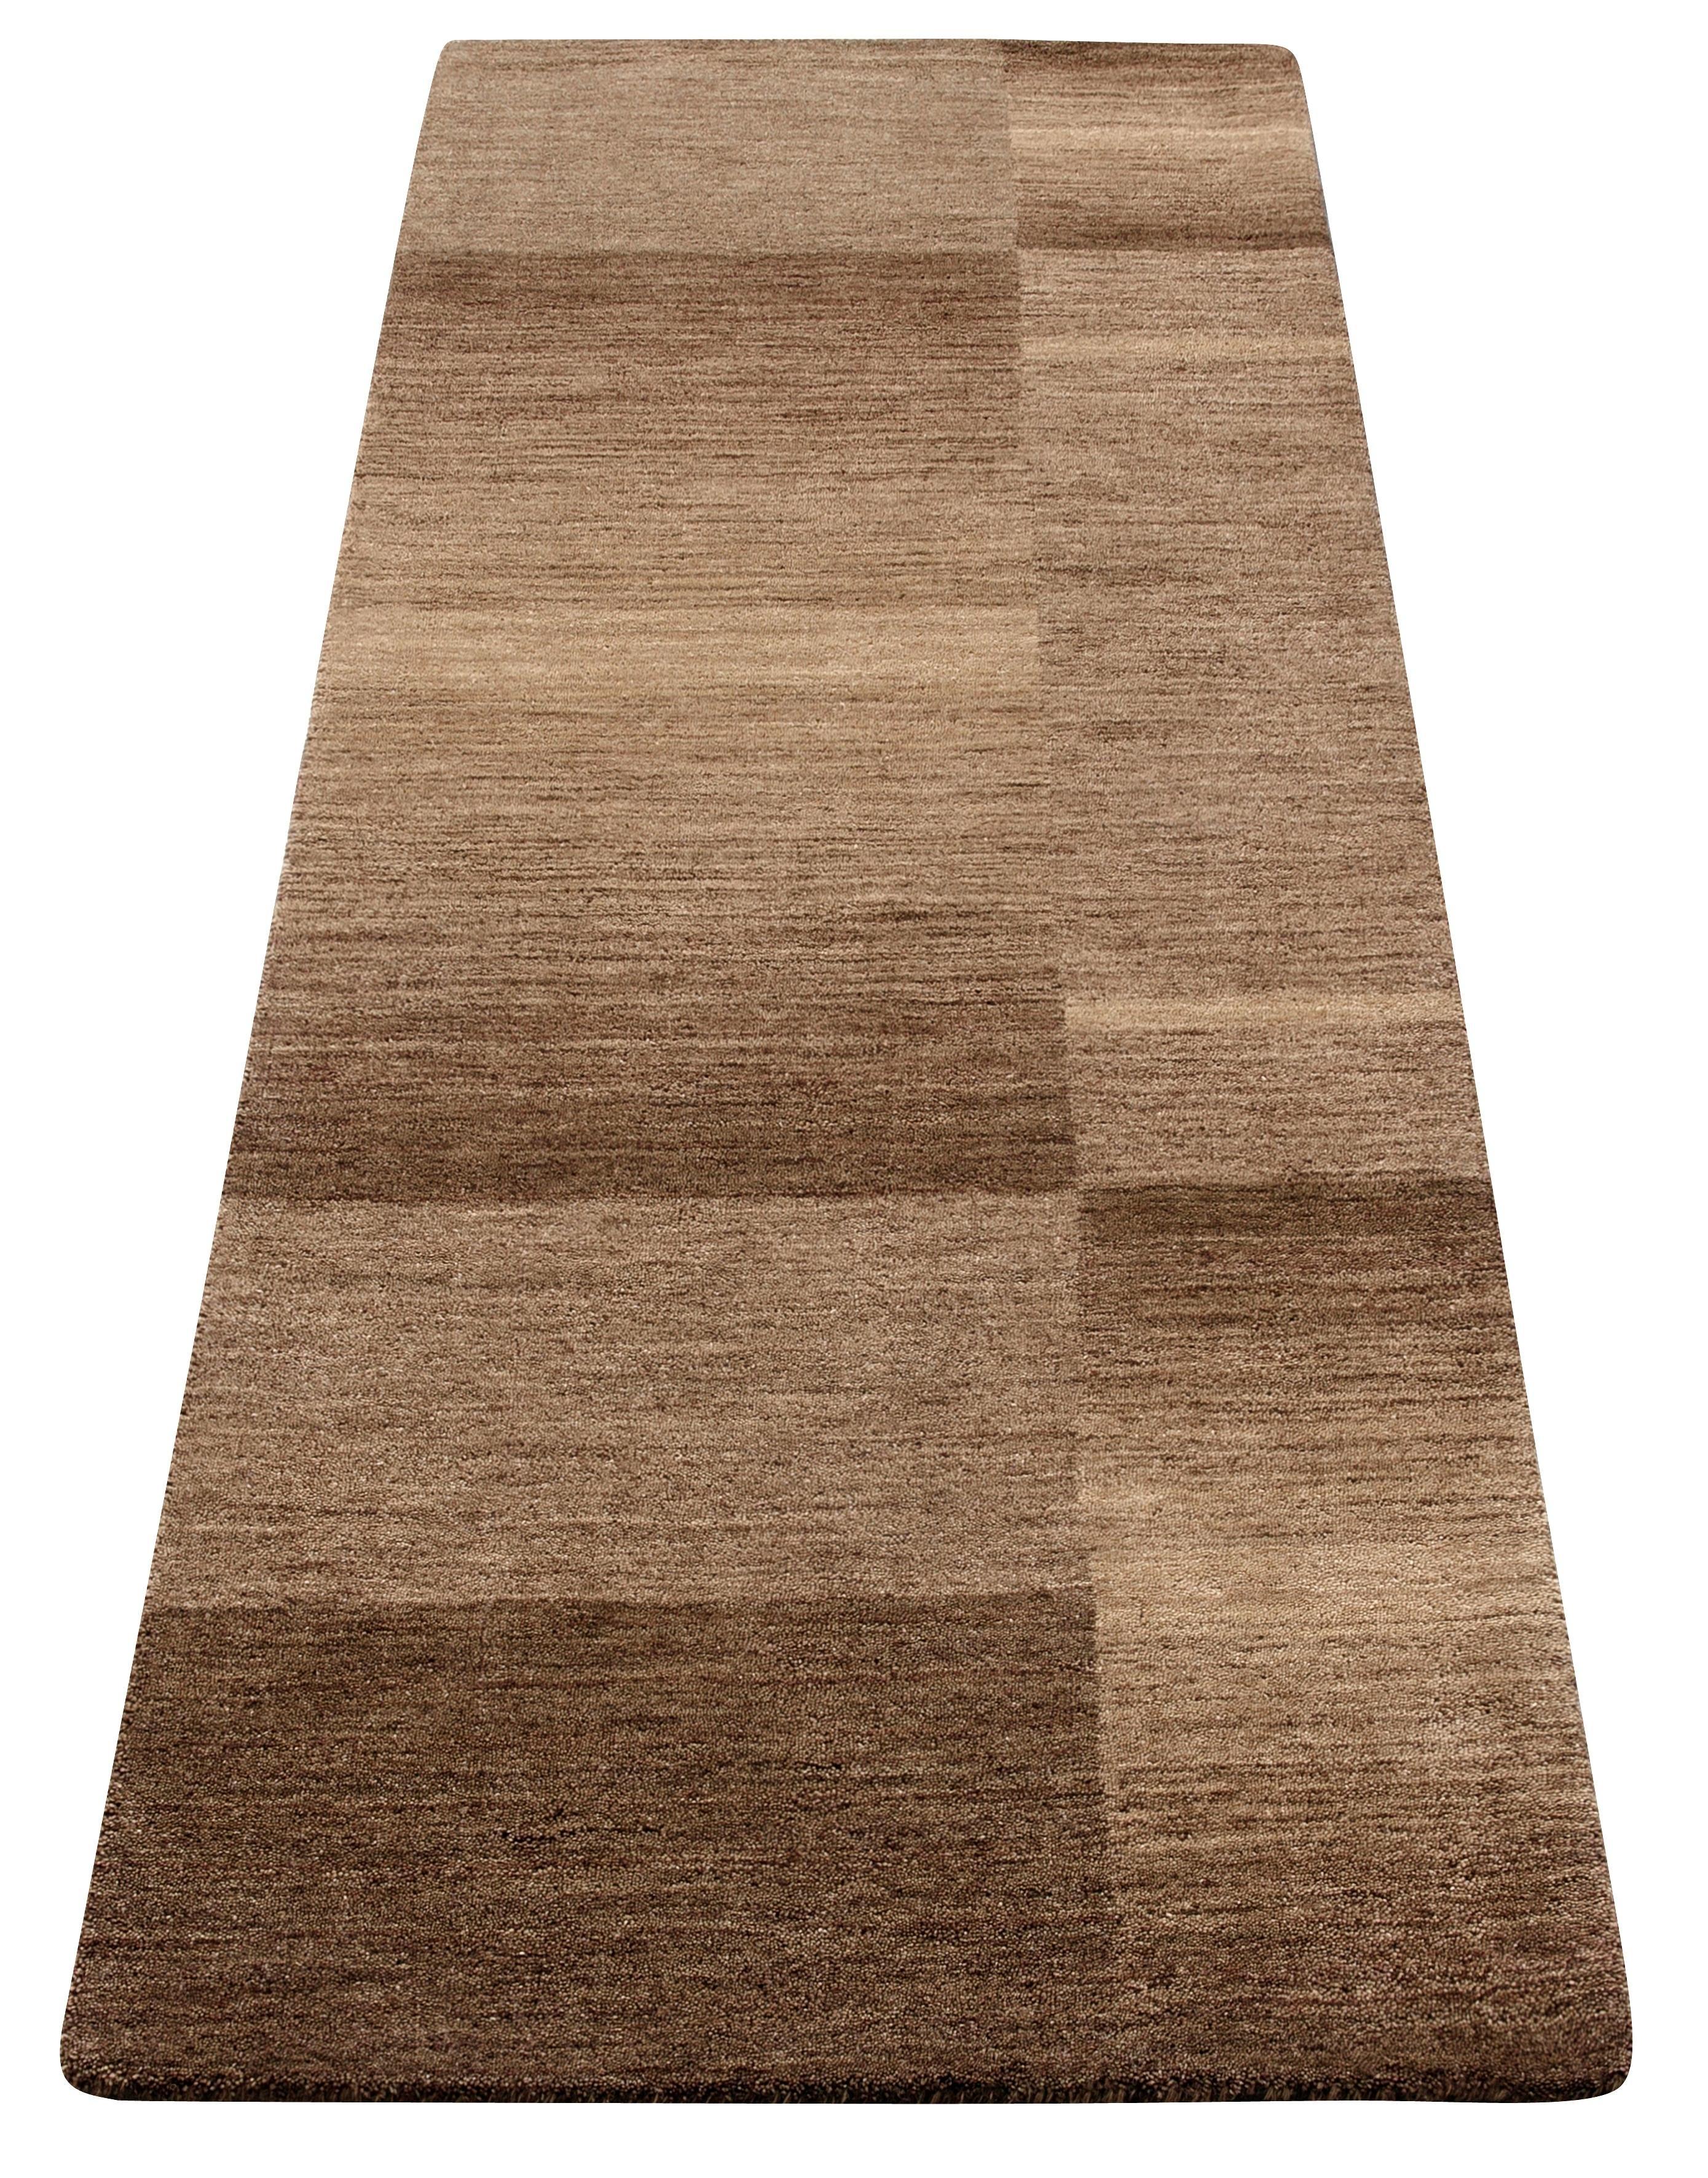 Theko Exklusiv Loper, »Jorun«, rechthoekig, hoogte 14 mm, met de hand geweven - verschillende betaalmethodes